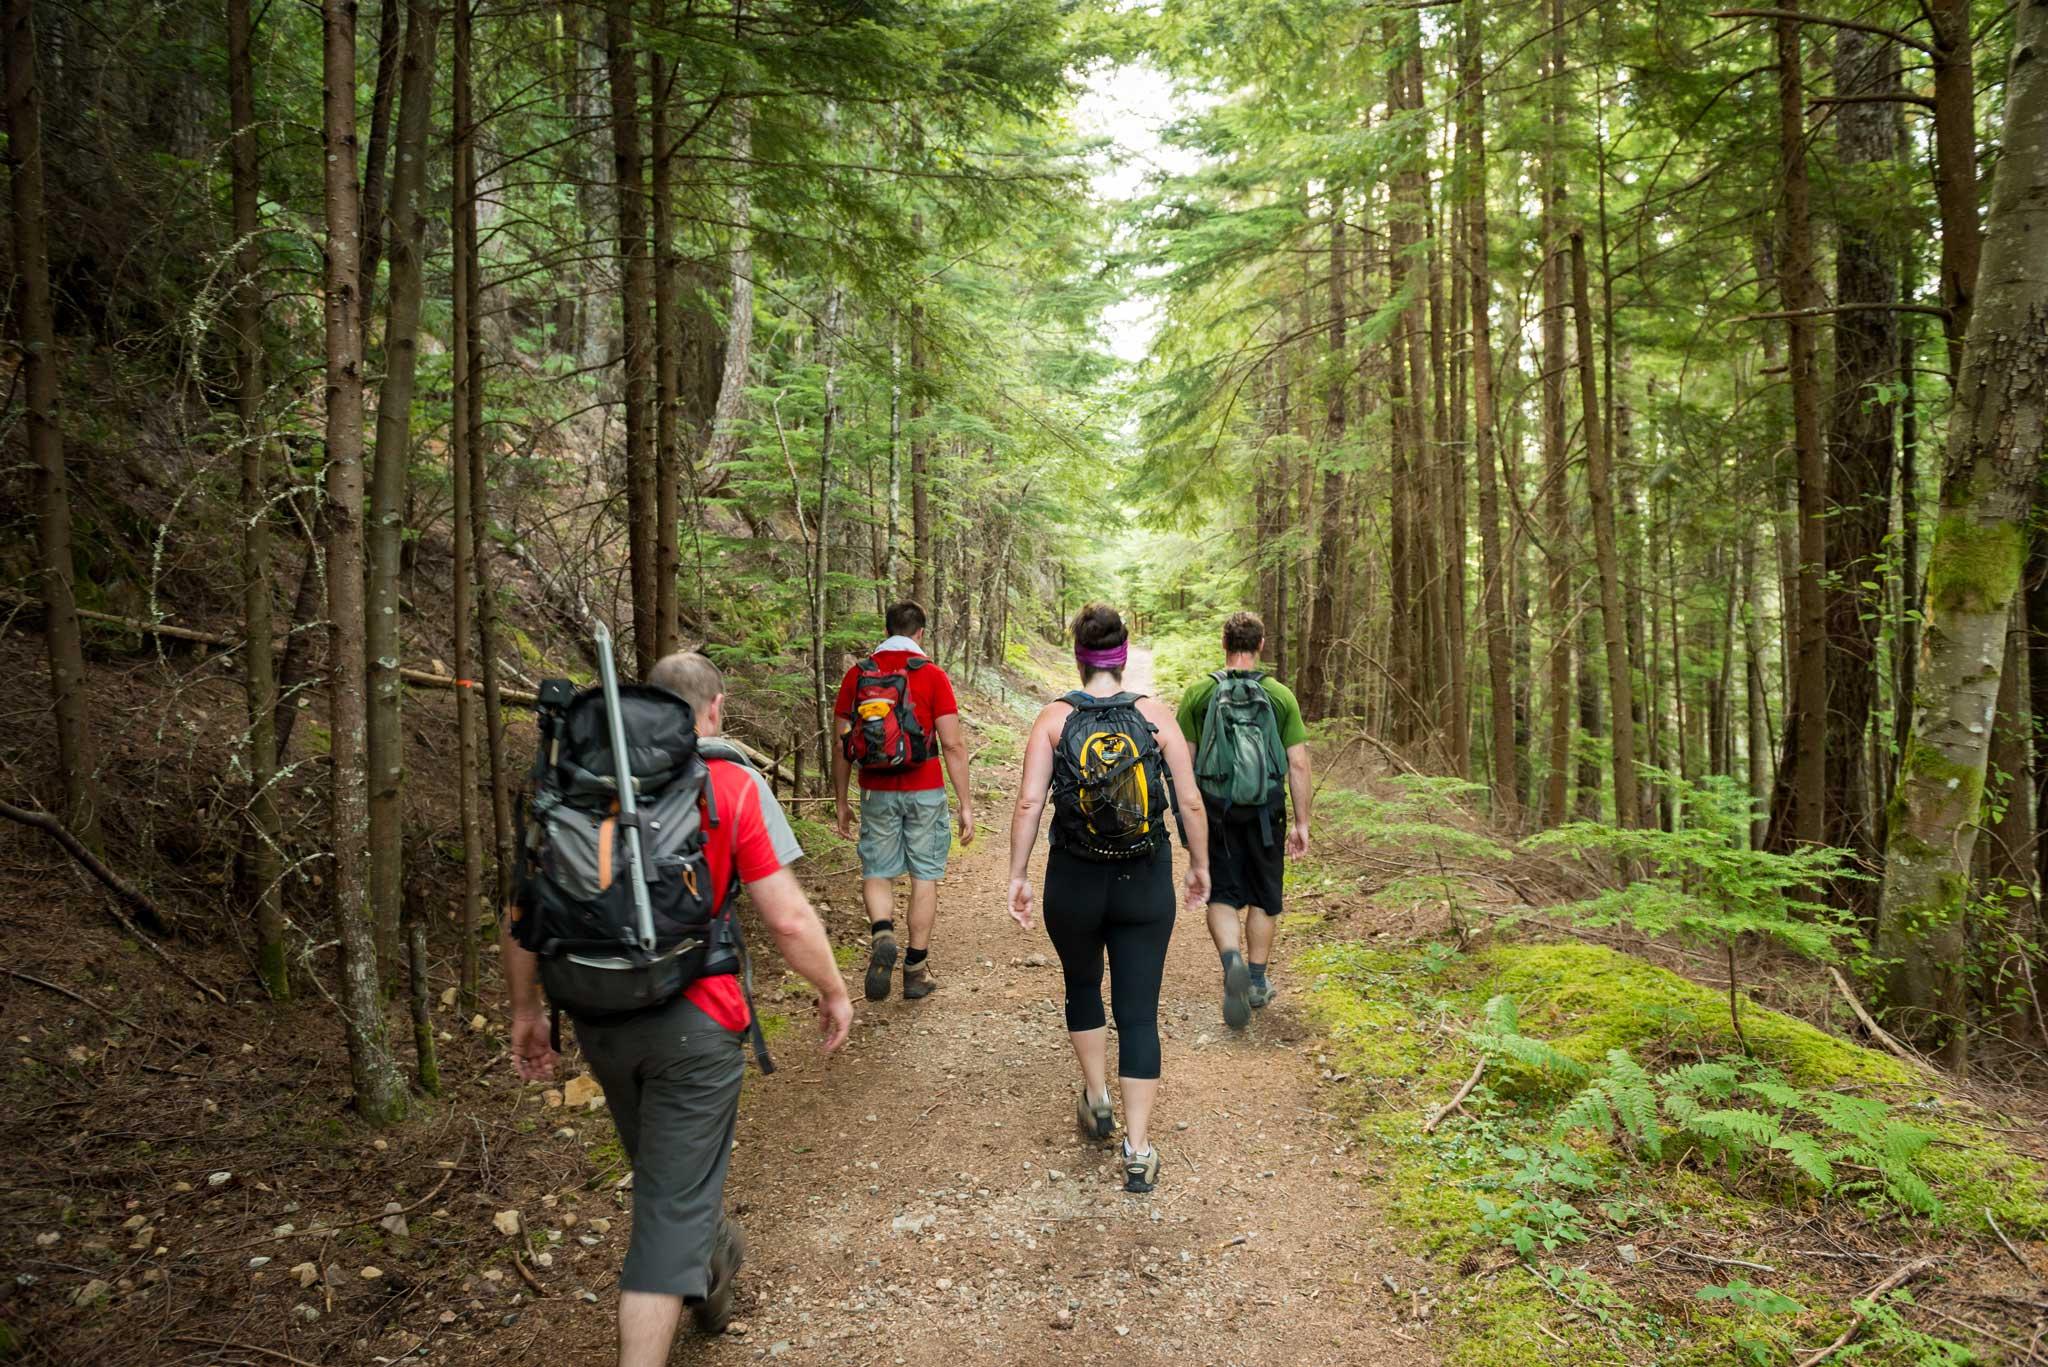 Chuyến đi hiking khám phá rừng